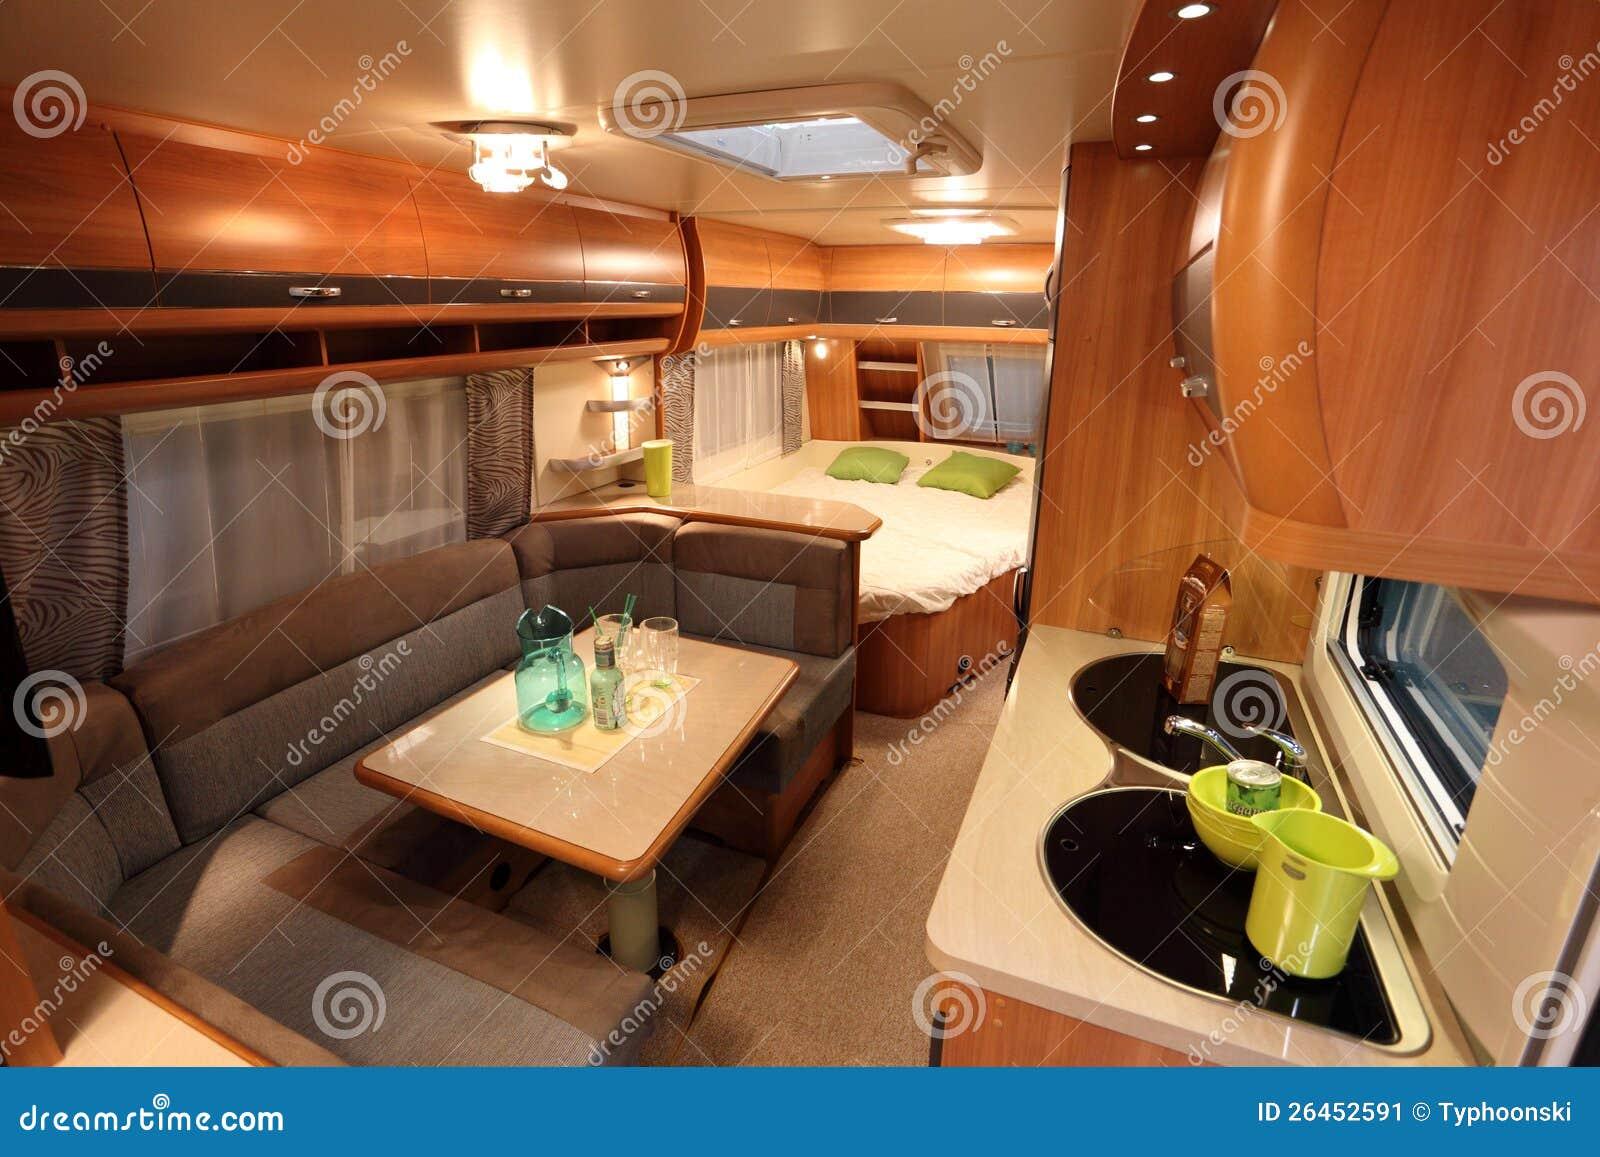 Extrêmement Intérieur D'un Camping-car Moderne Photo éditorial - Image: 26452591 XJ07